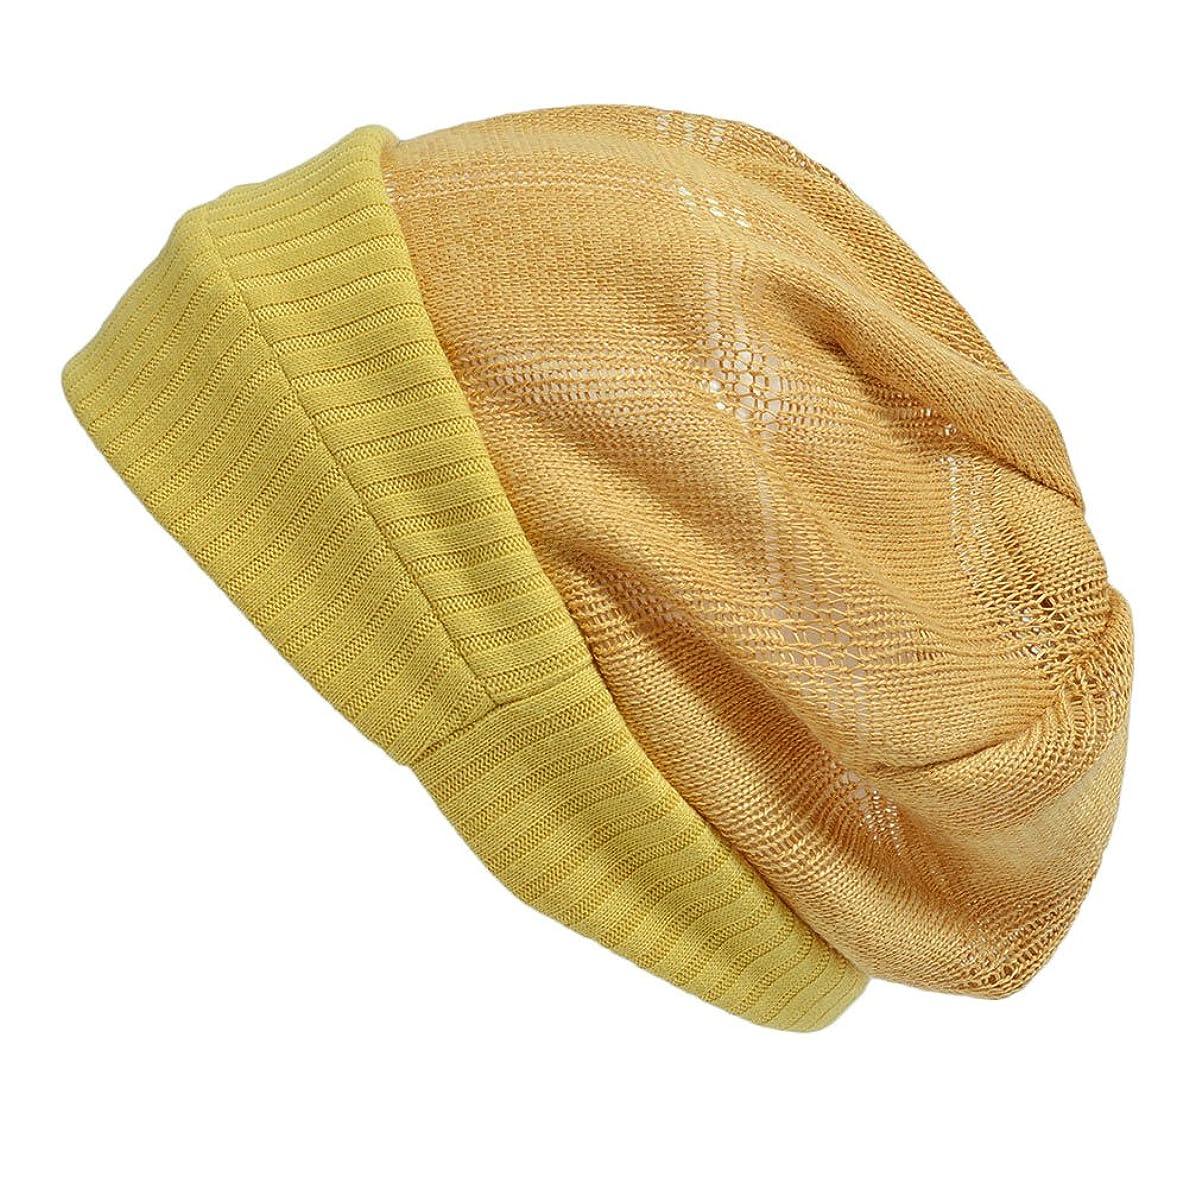 前奏曲一方、山(カジュアルボックス)CasualBox WATERMARK サマーニット帽 5色 フリーサイズ ニット帽 大きめサイズ 涼しいコットン ワッチキャップ 医療用帽子 grace charm チャーム